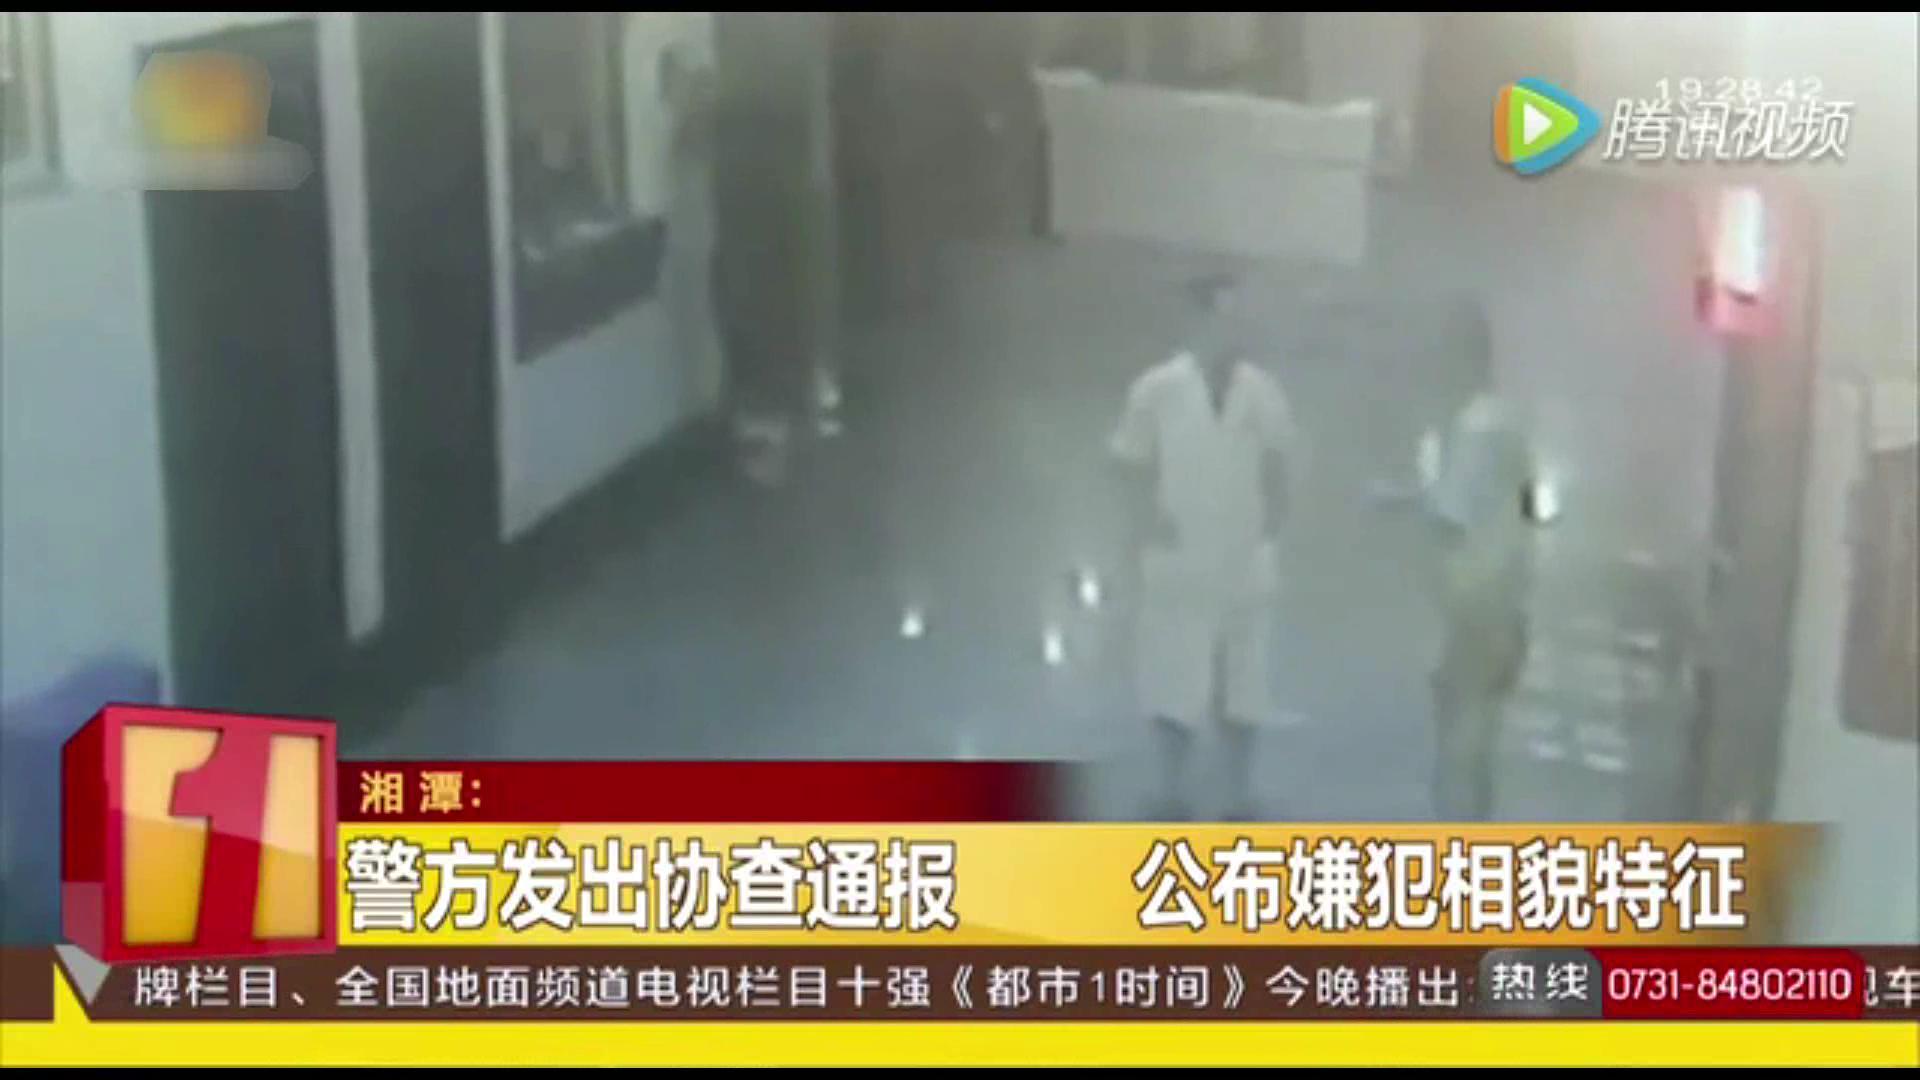 男子纠缠前女友起冲突 超市门口行凶被执行死刑